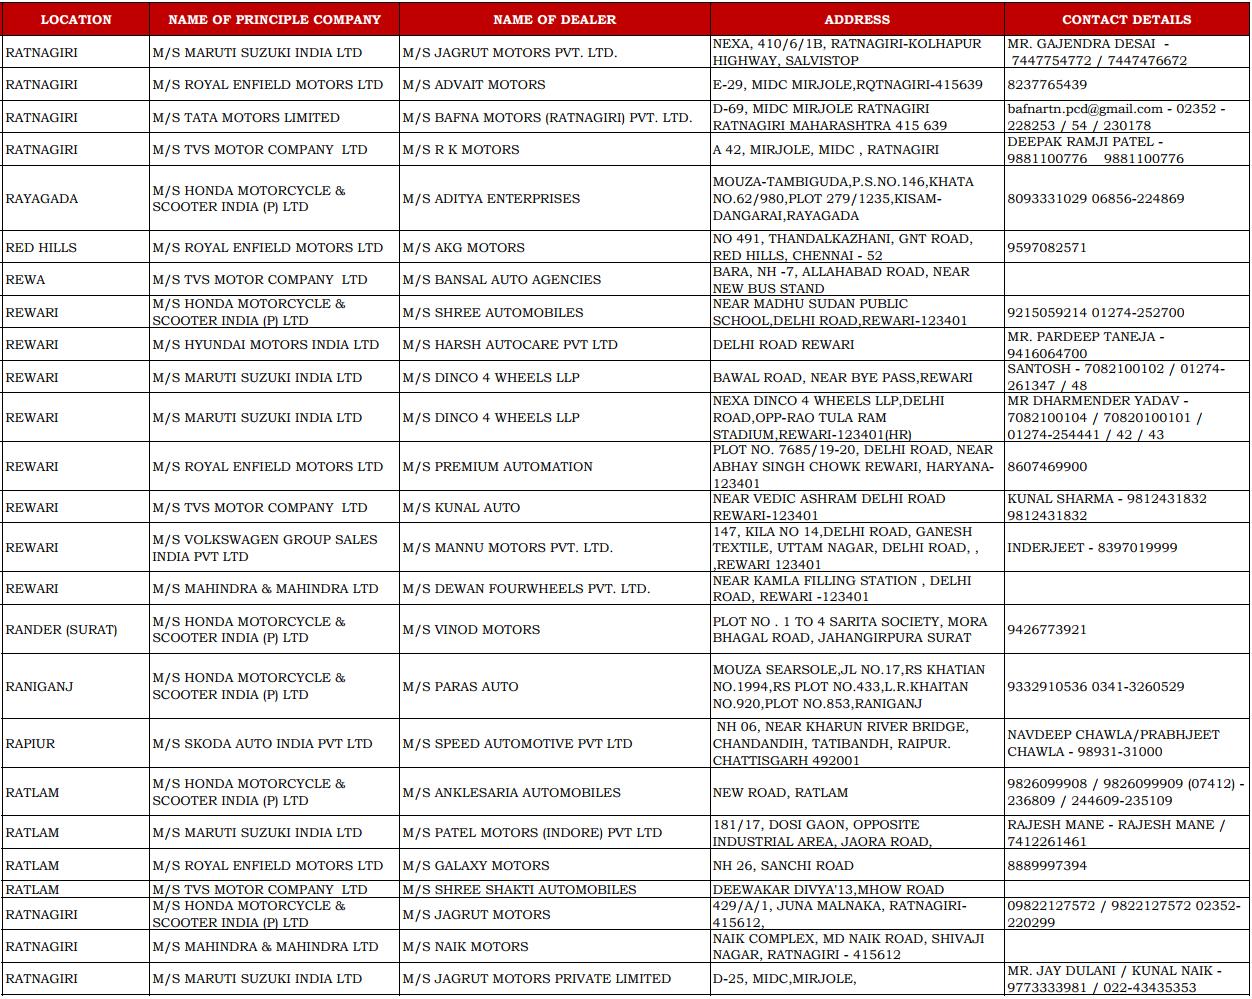 CSD Dealers Contact Details of Ratnagiri, Rayagada, Rewa, Rewari, Rander, Raniganj, Ratlam, and Raipur